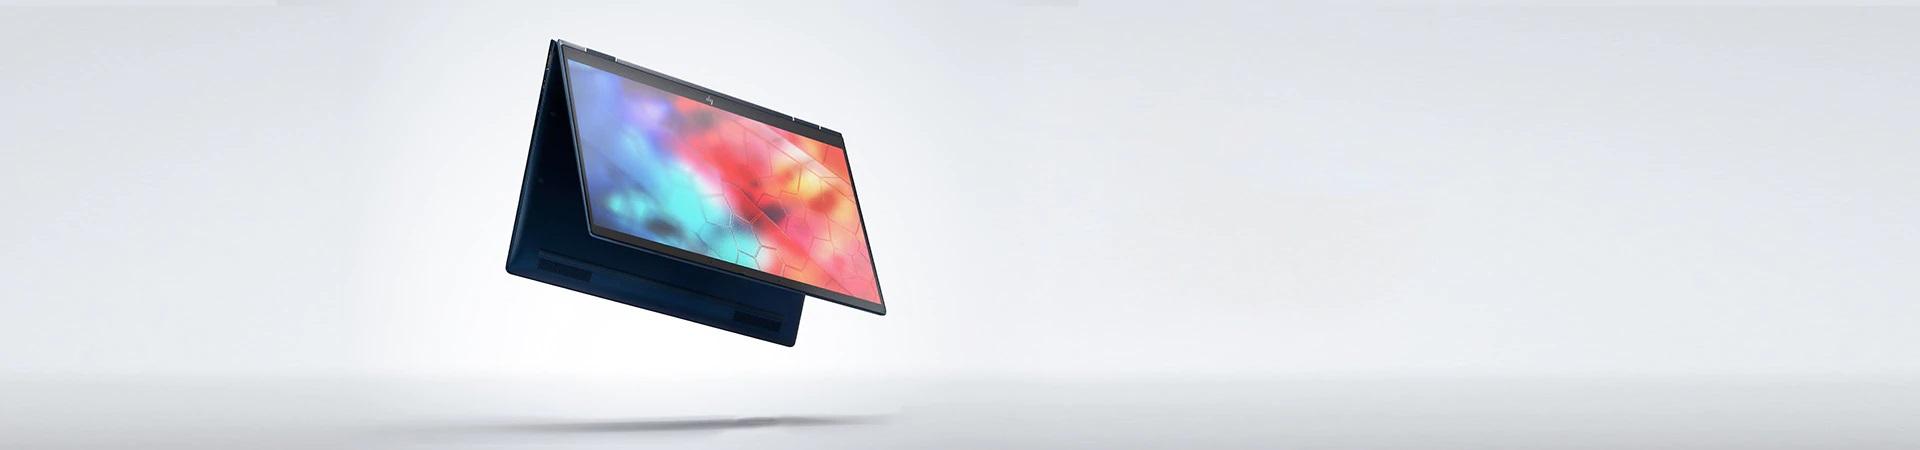 ale.pl - niewiarygodnie lekki laptop HP Dragonfly